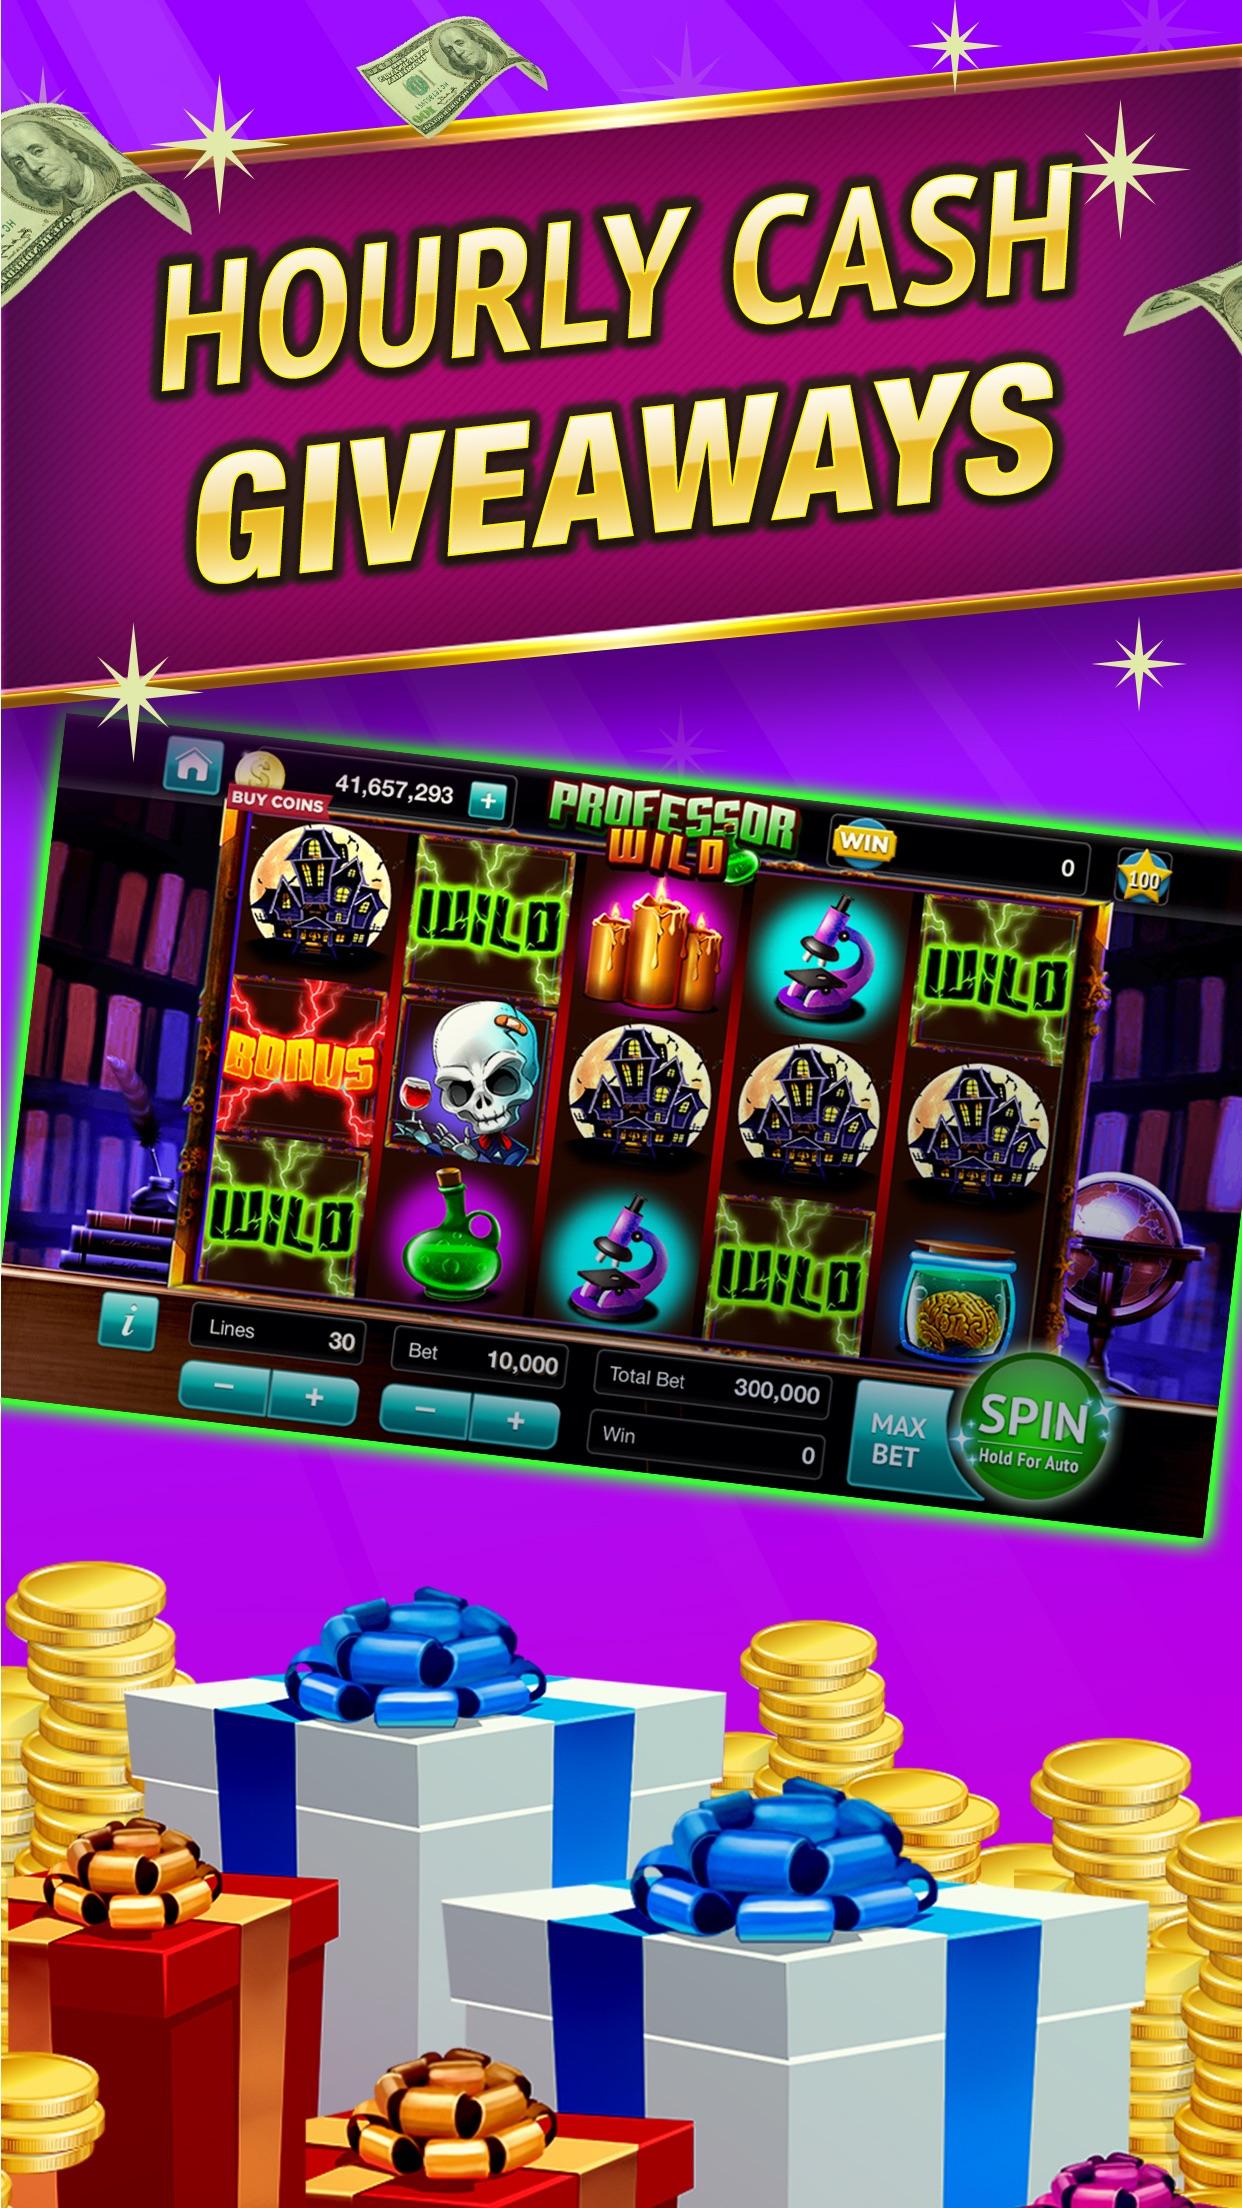 SpinToWin Slots & Sweepstakes Screenshot